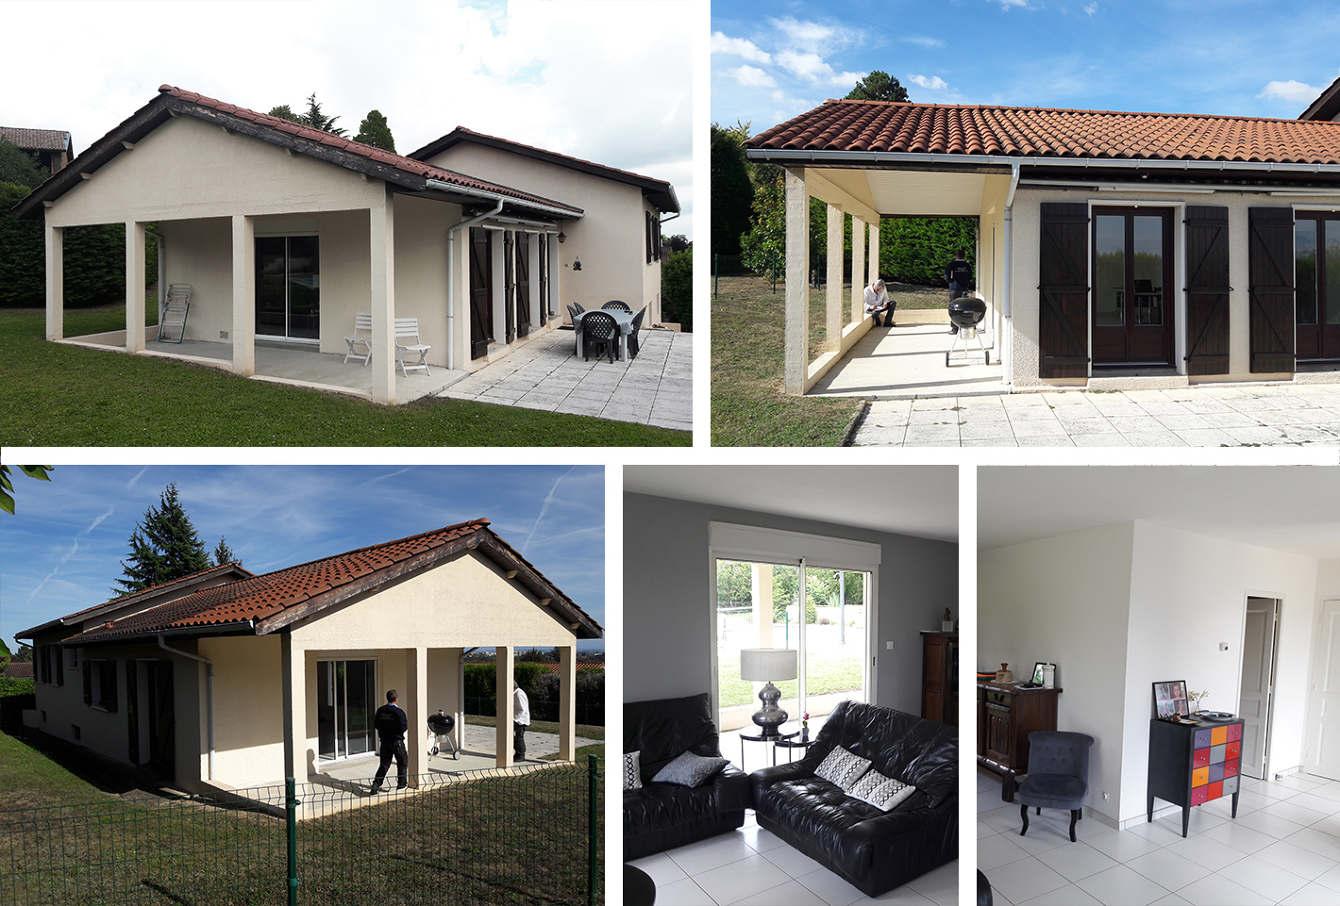 Extension Maison Terrasse Couverte extension à st-cyr-au-mont-d'or - florian presle - design d